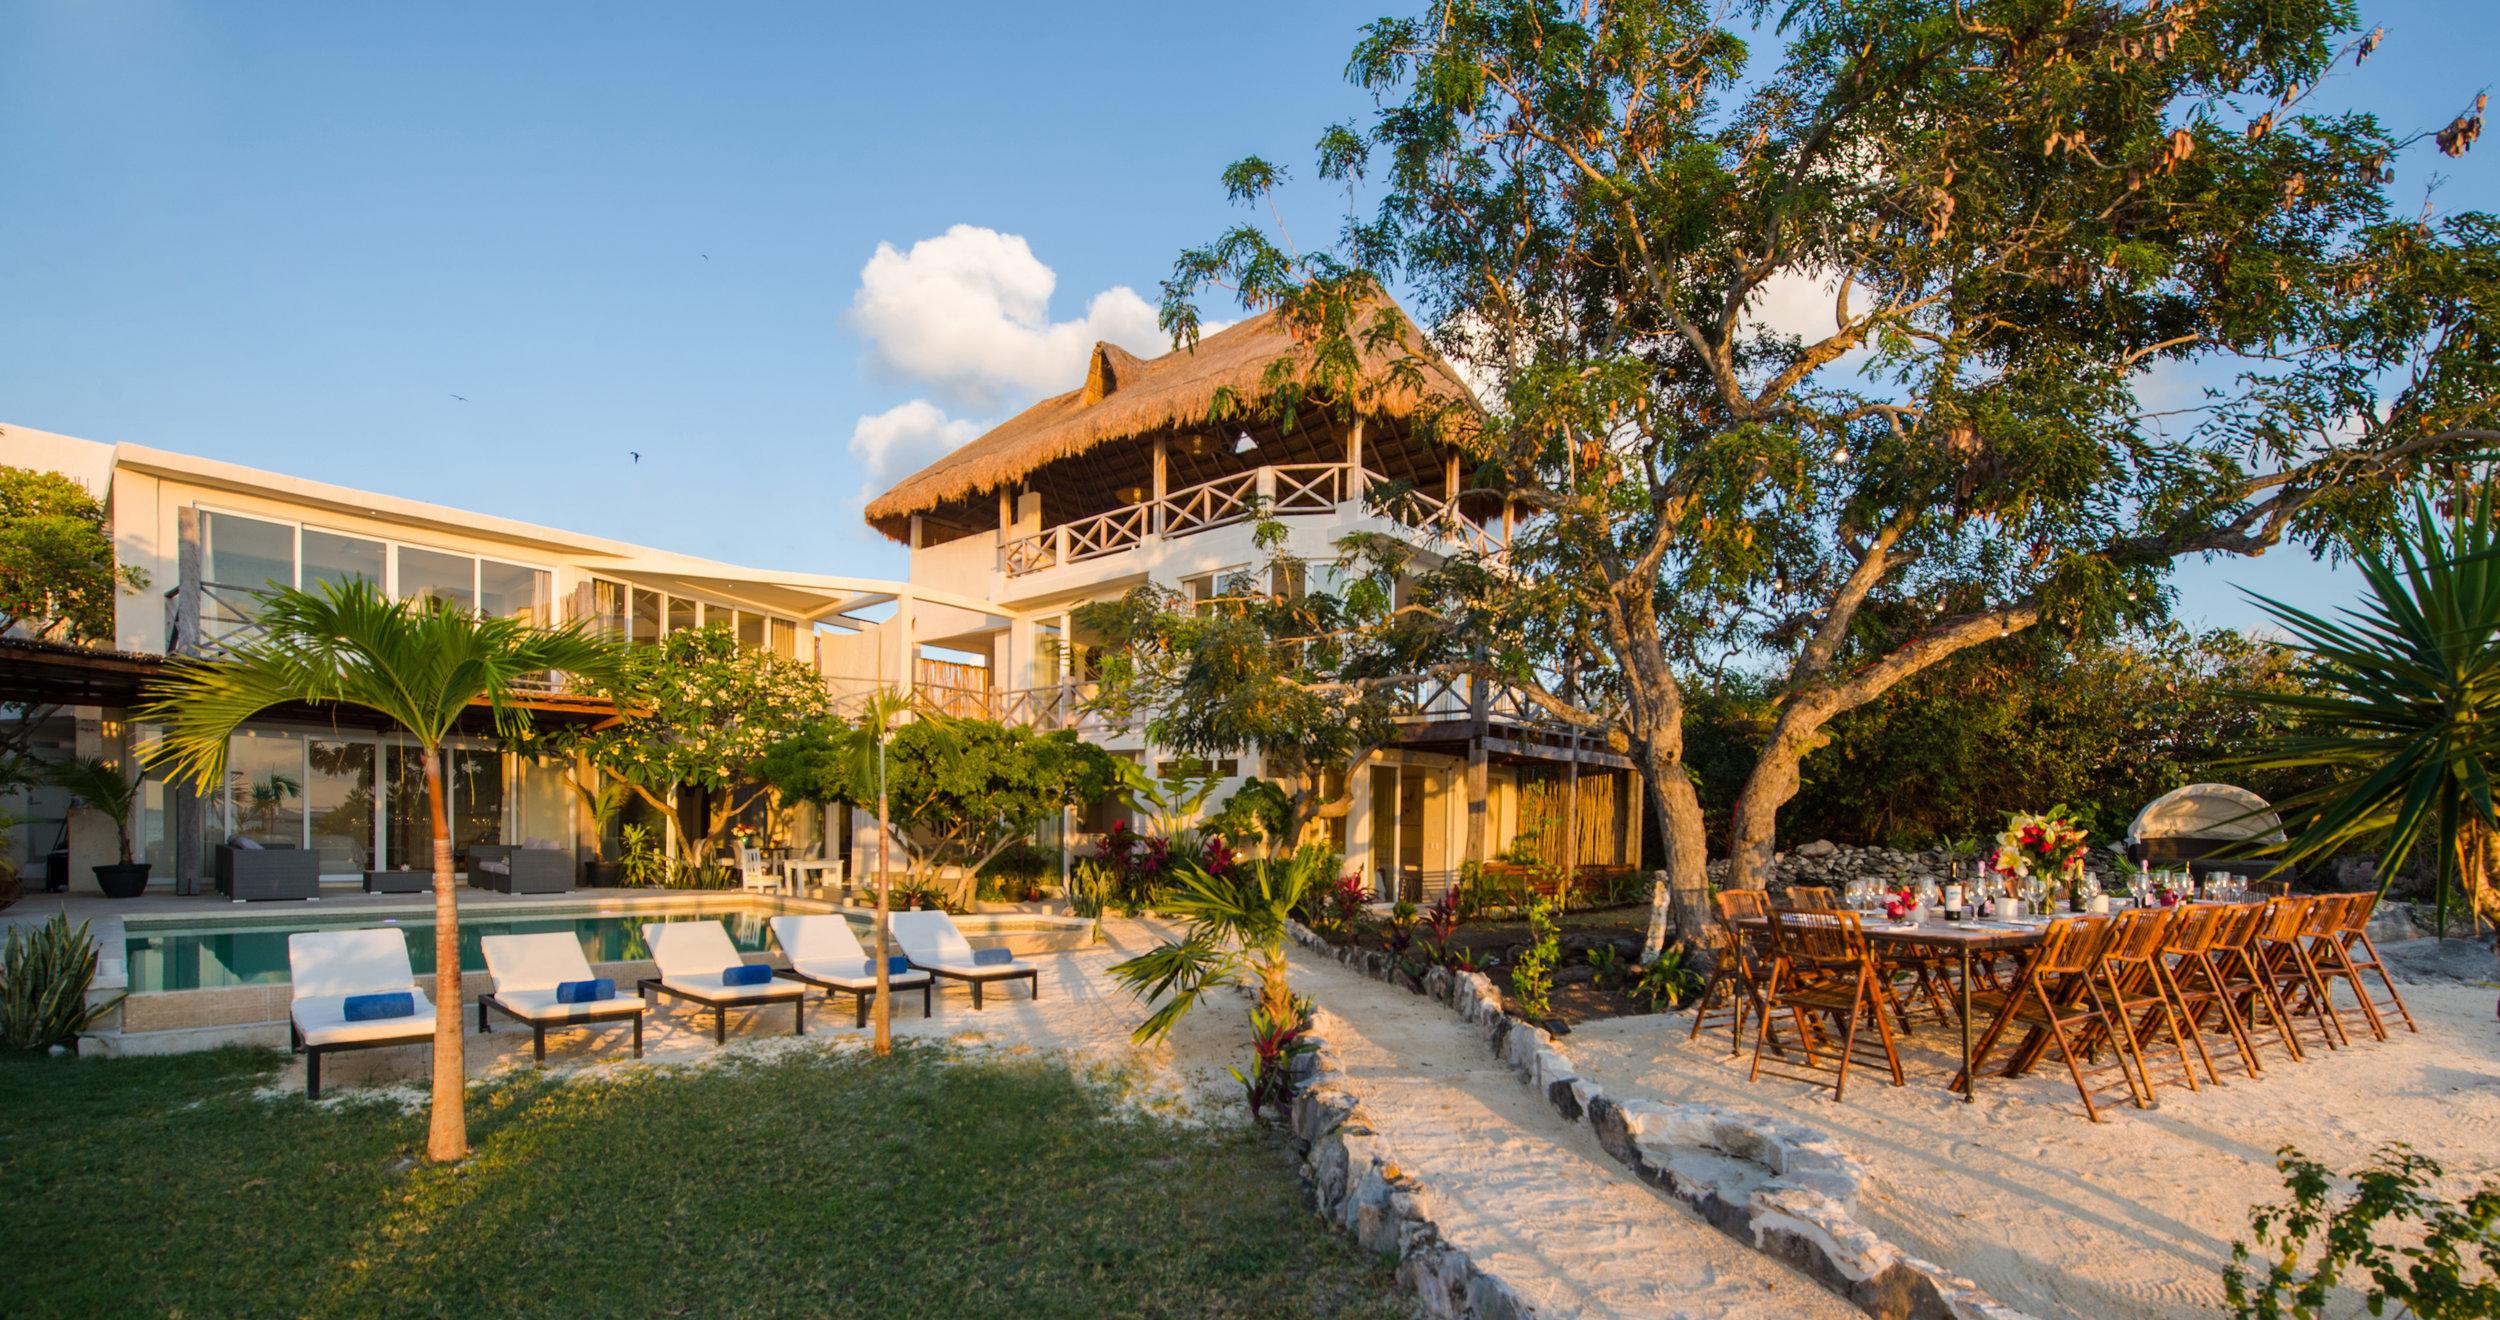 Casa Coco Isla Mujeres-7094 copy.jpg